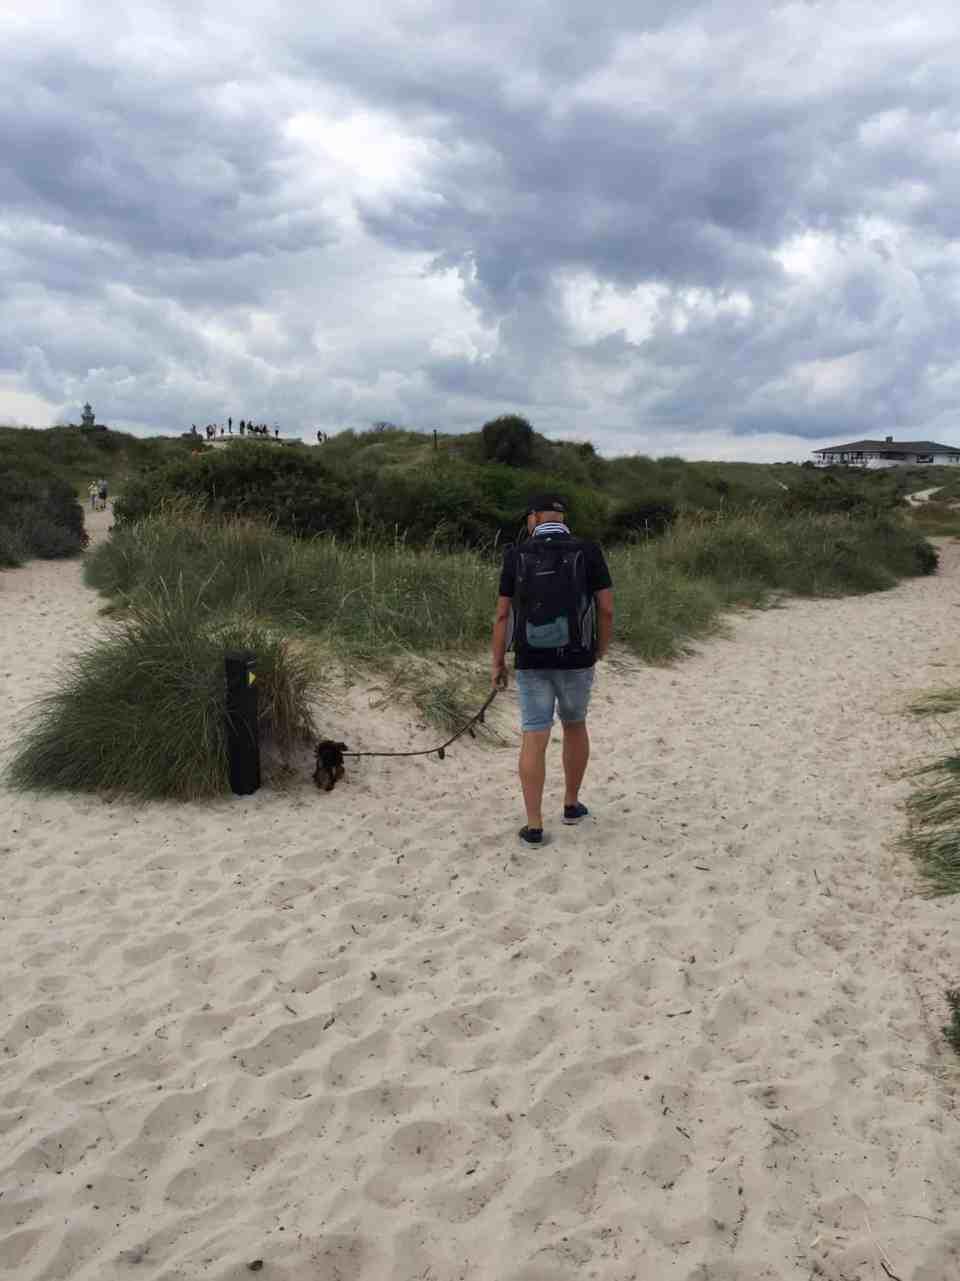 På cykeltur til Grenen med Skibshunden i rygsækken - og mødet med en kæmpe!